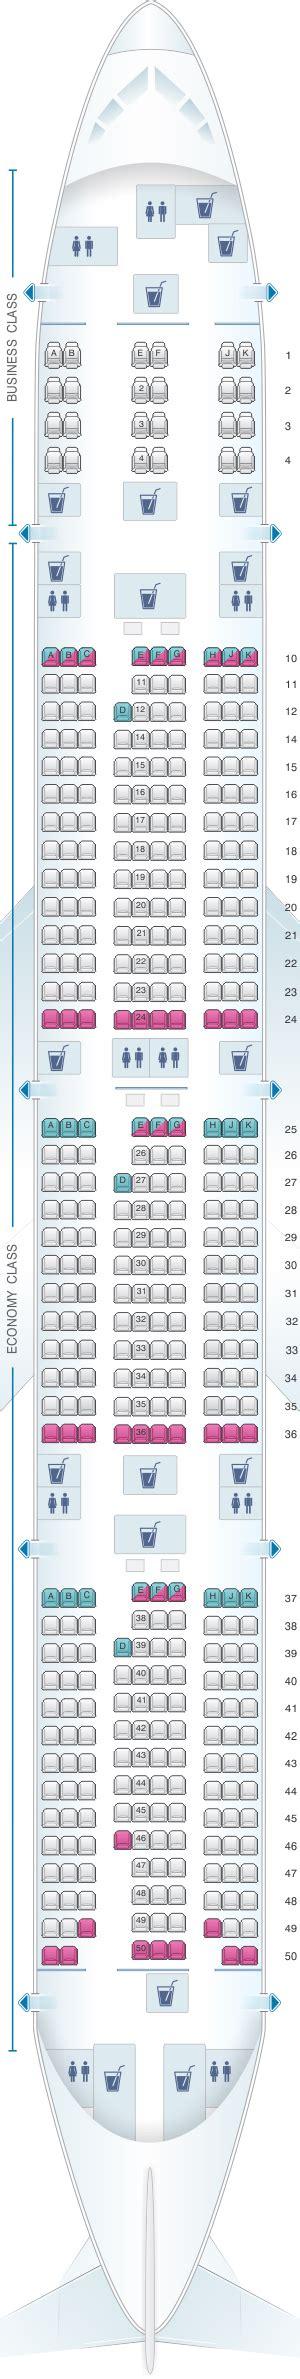 plan si es boeing 777 300er air plan de cabine qatar airways boeing b777 300er 412pax